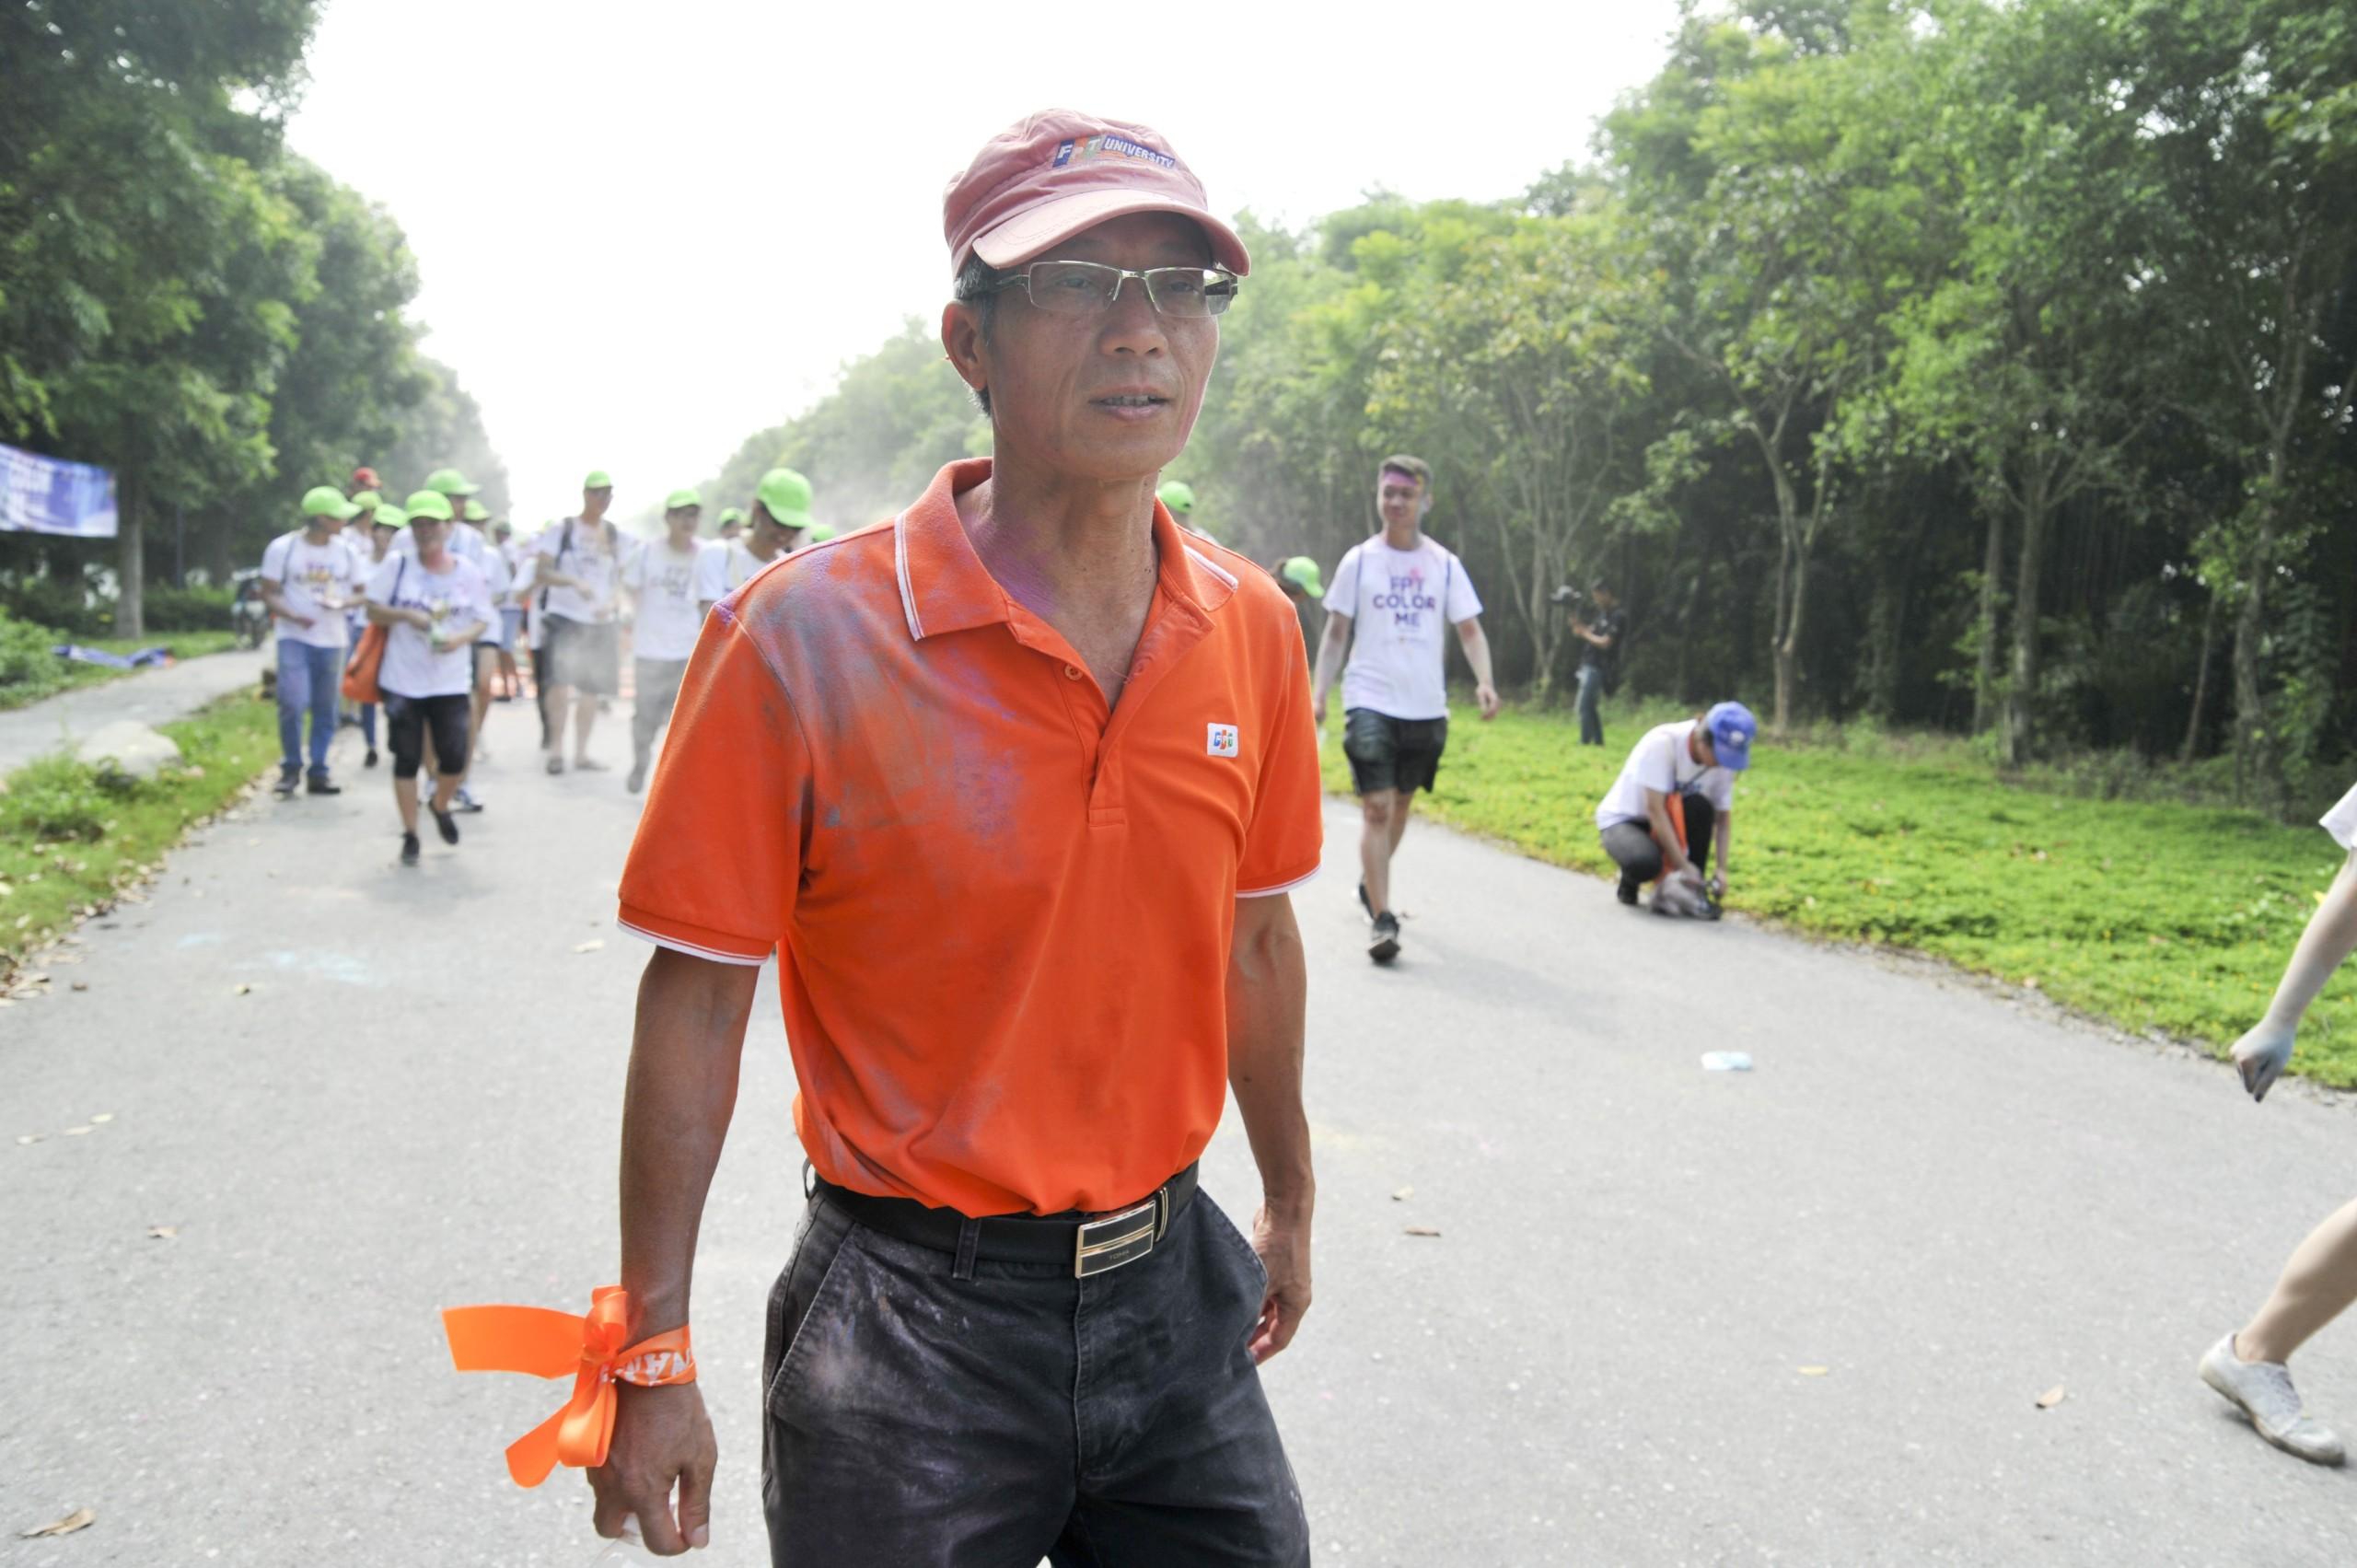 Trong sắc áo cam, Hiệu trưởng Đại học FPT Nguyễn Khắc Thành không khó biến mình thành mục tiêu nổi bật.